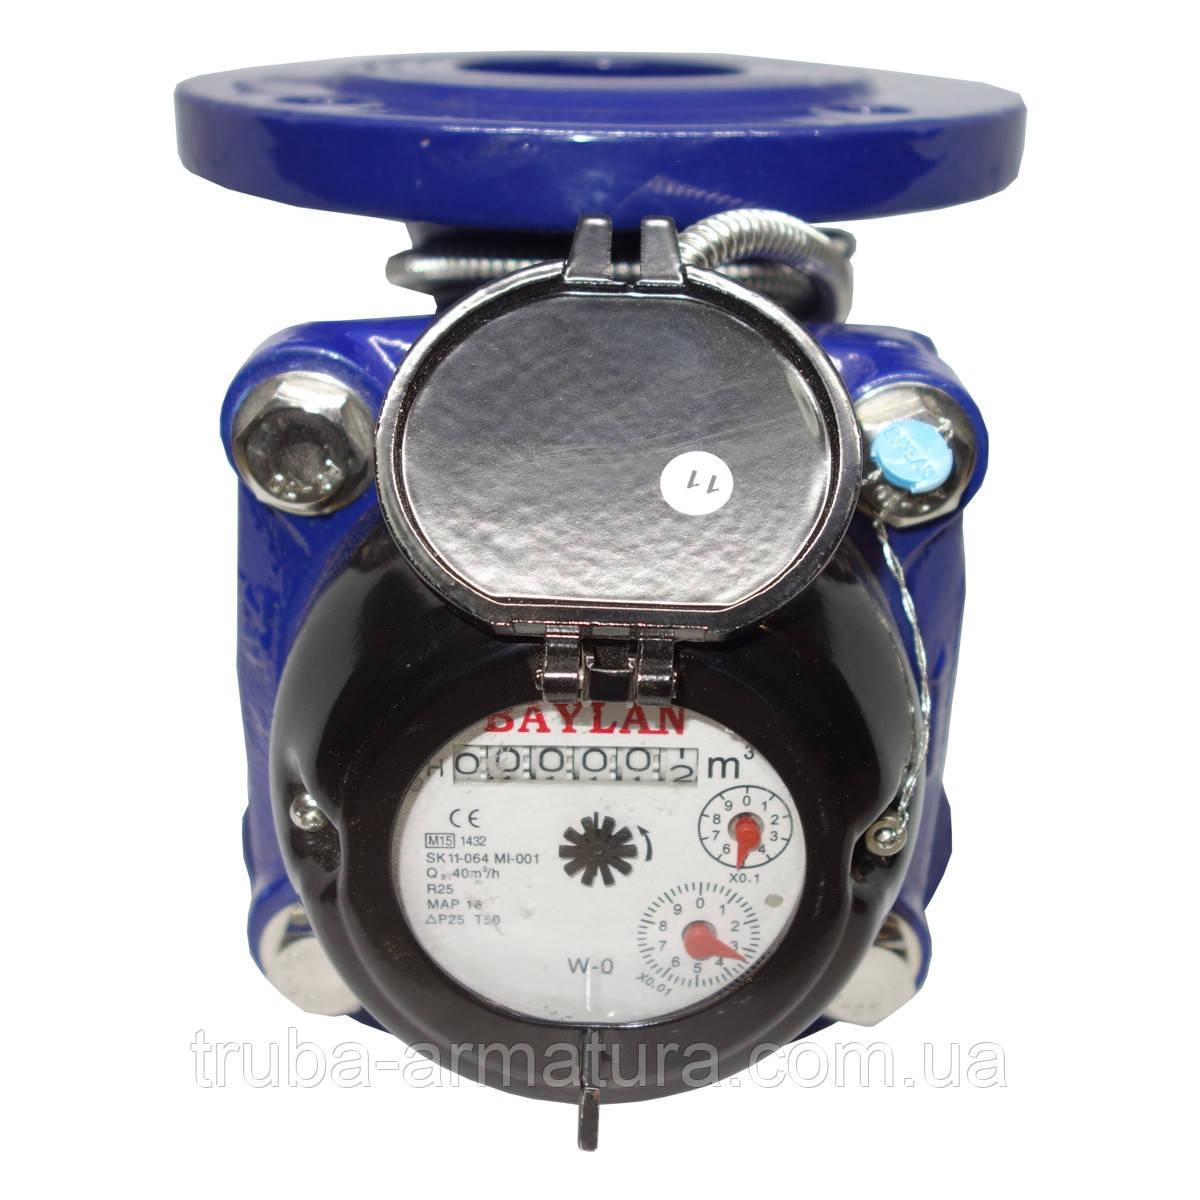 Ирригационный счетчик холодной воды Baylan (IP68) W-6i Dn50